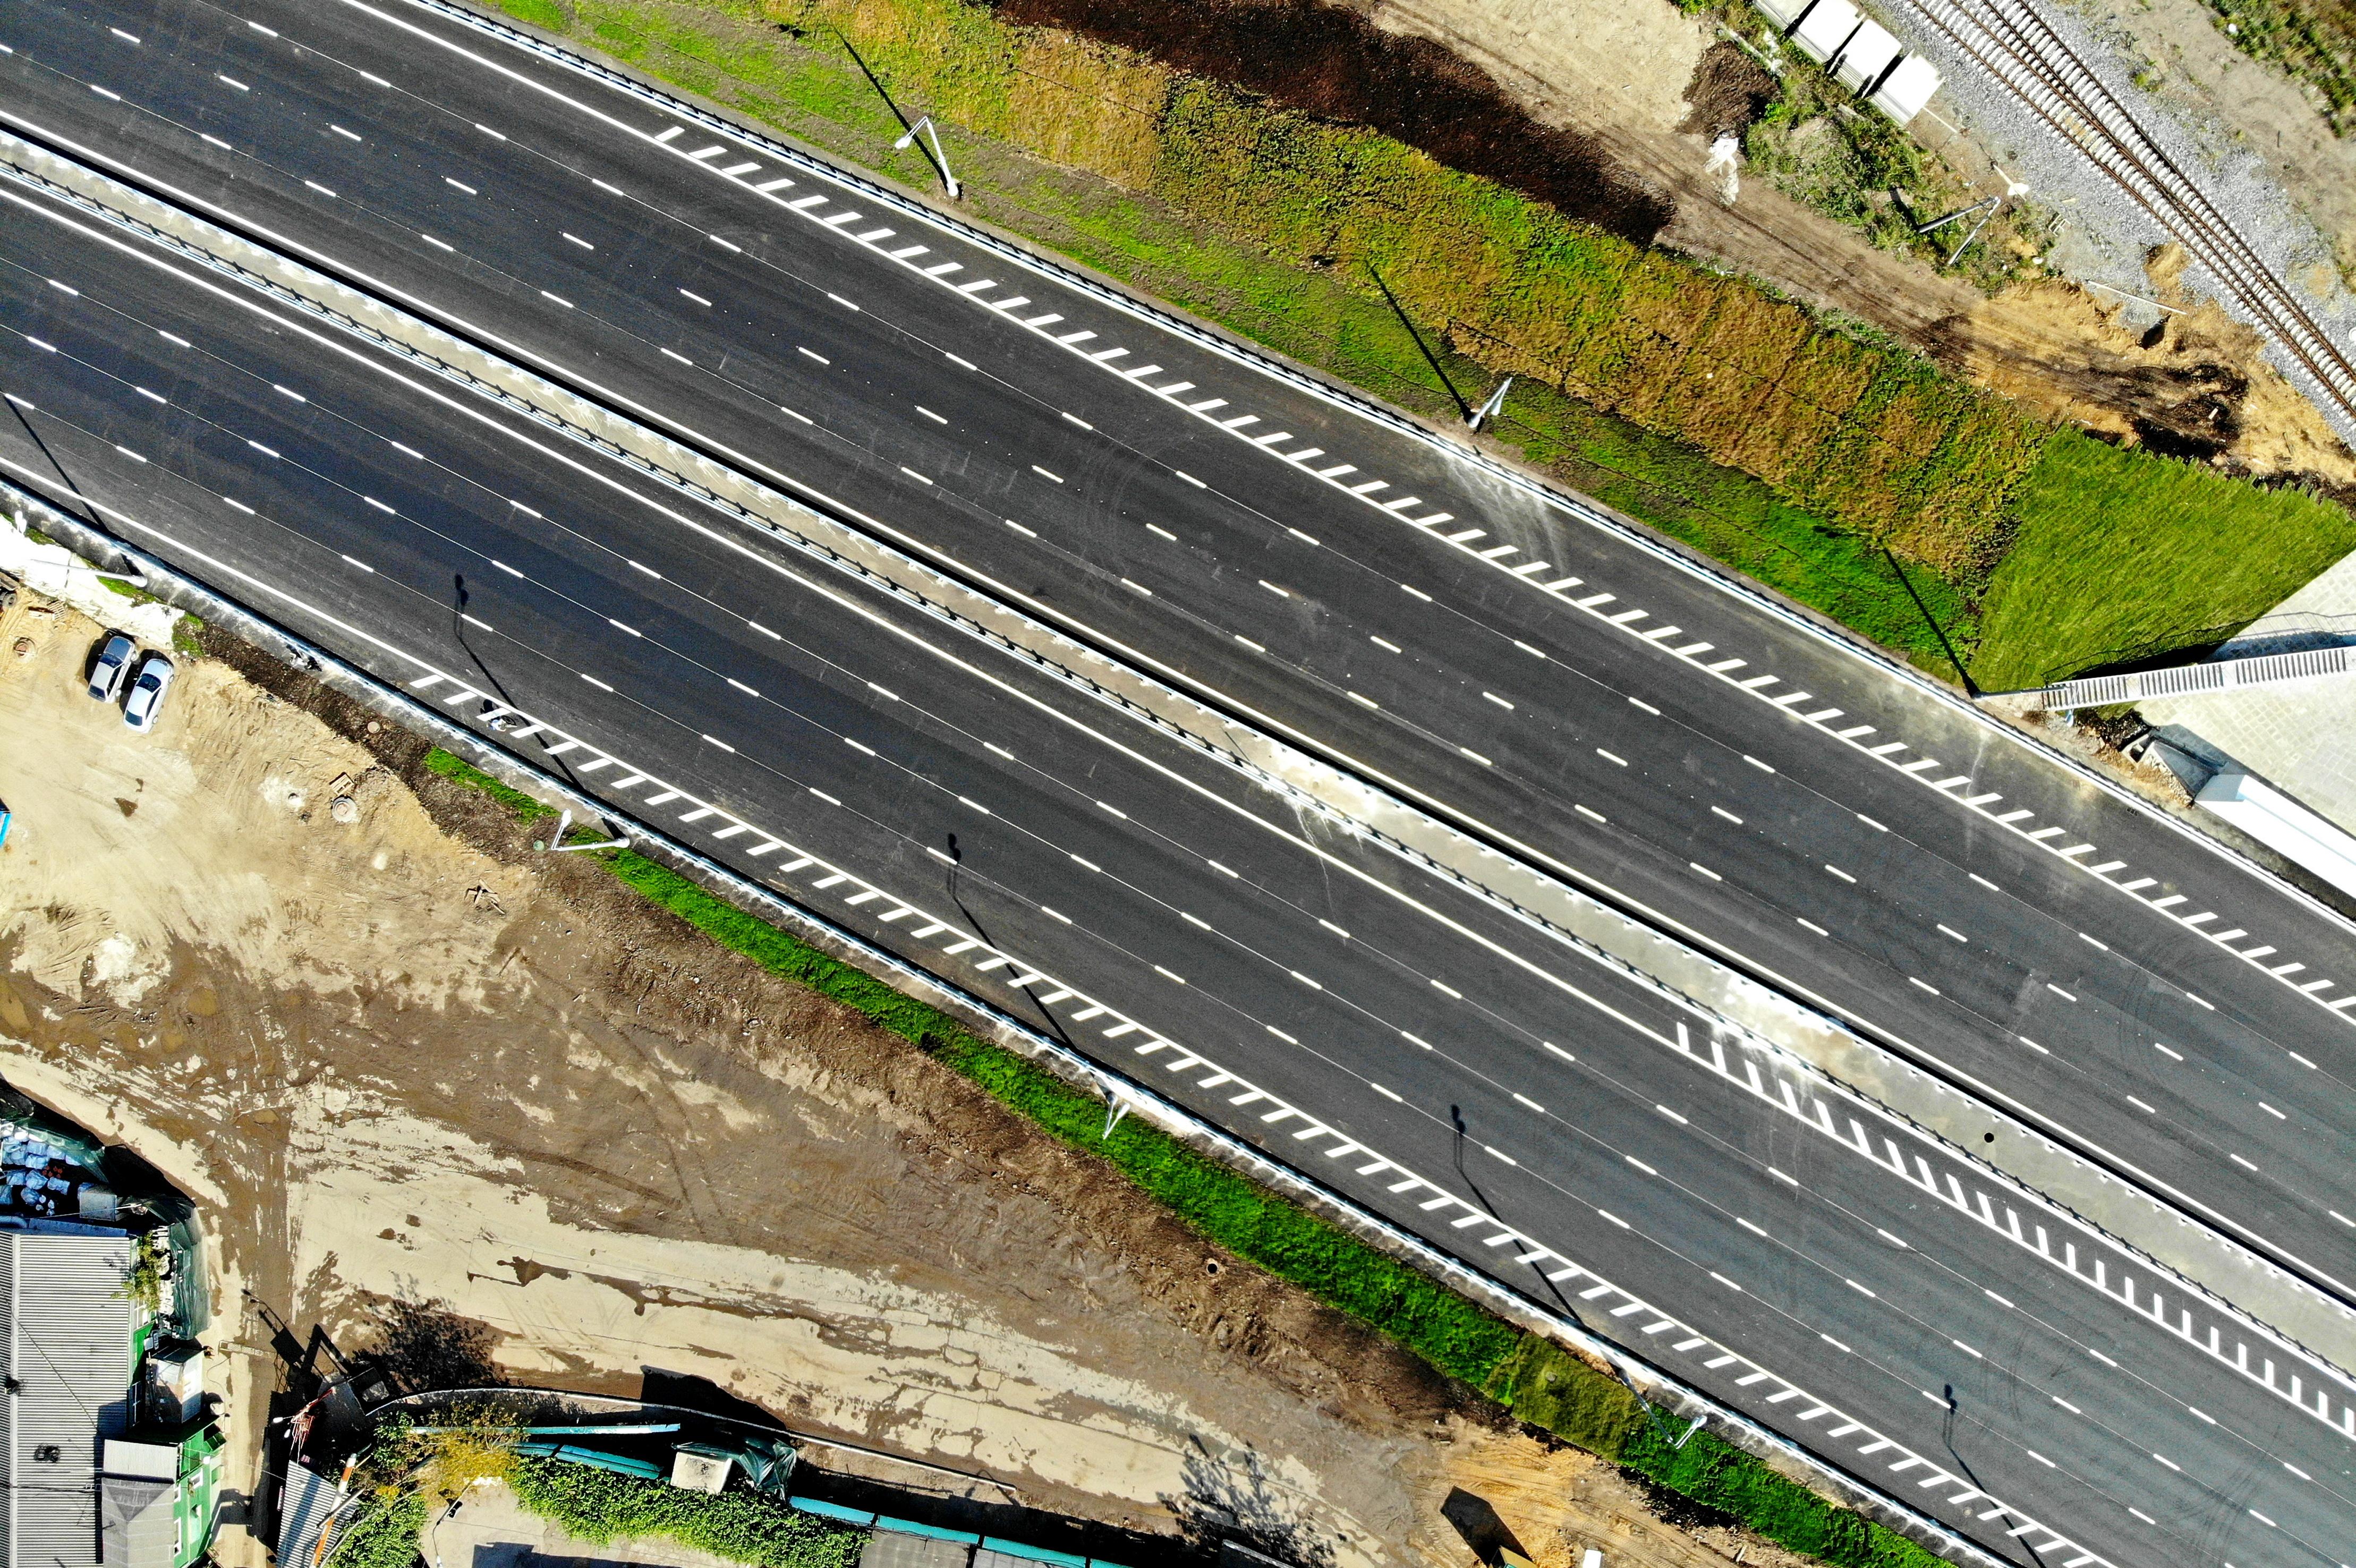 Участок в Новой Москве изъяли для строительства дороги Марьино — Саларьево